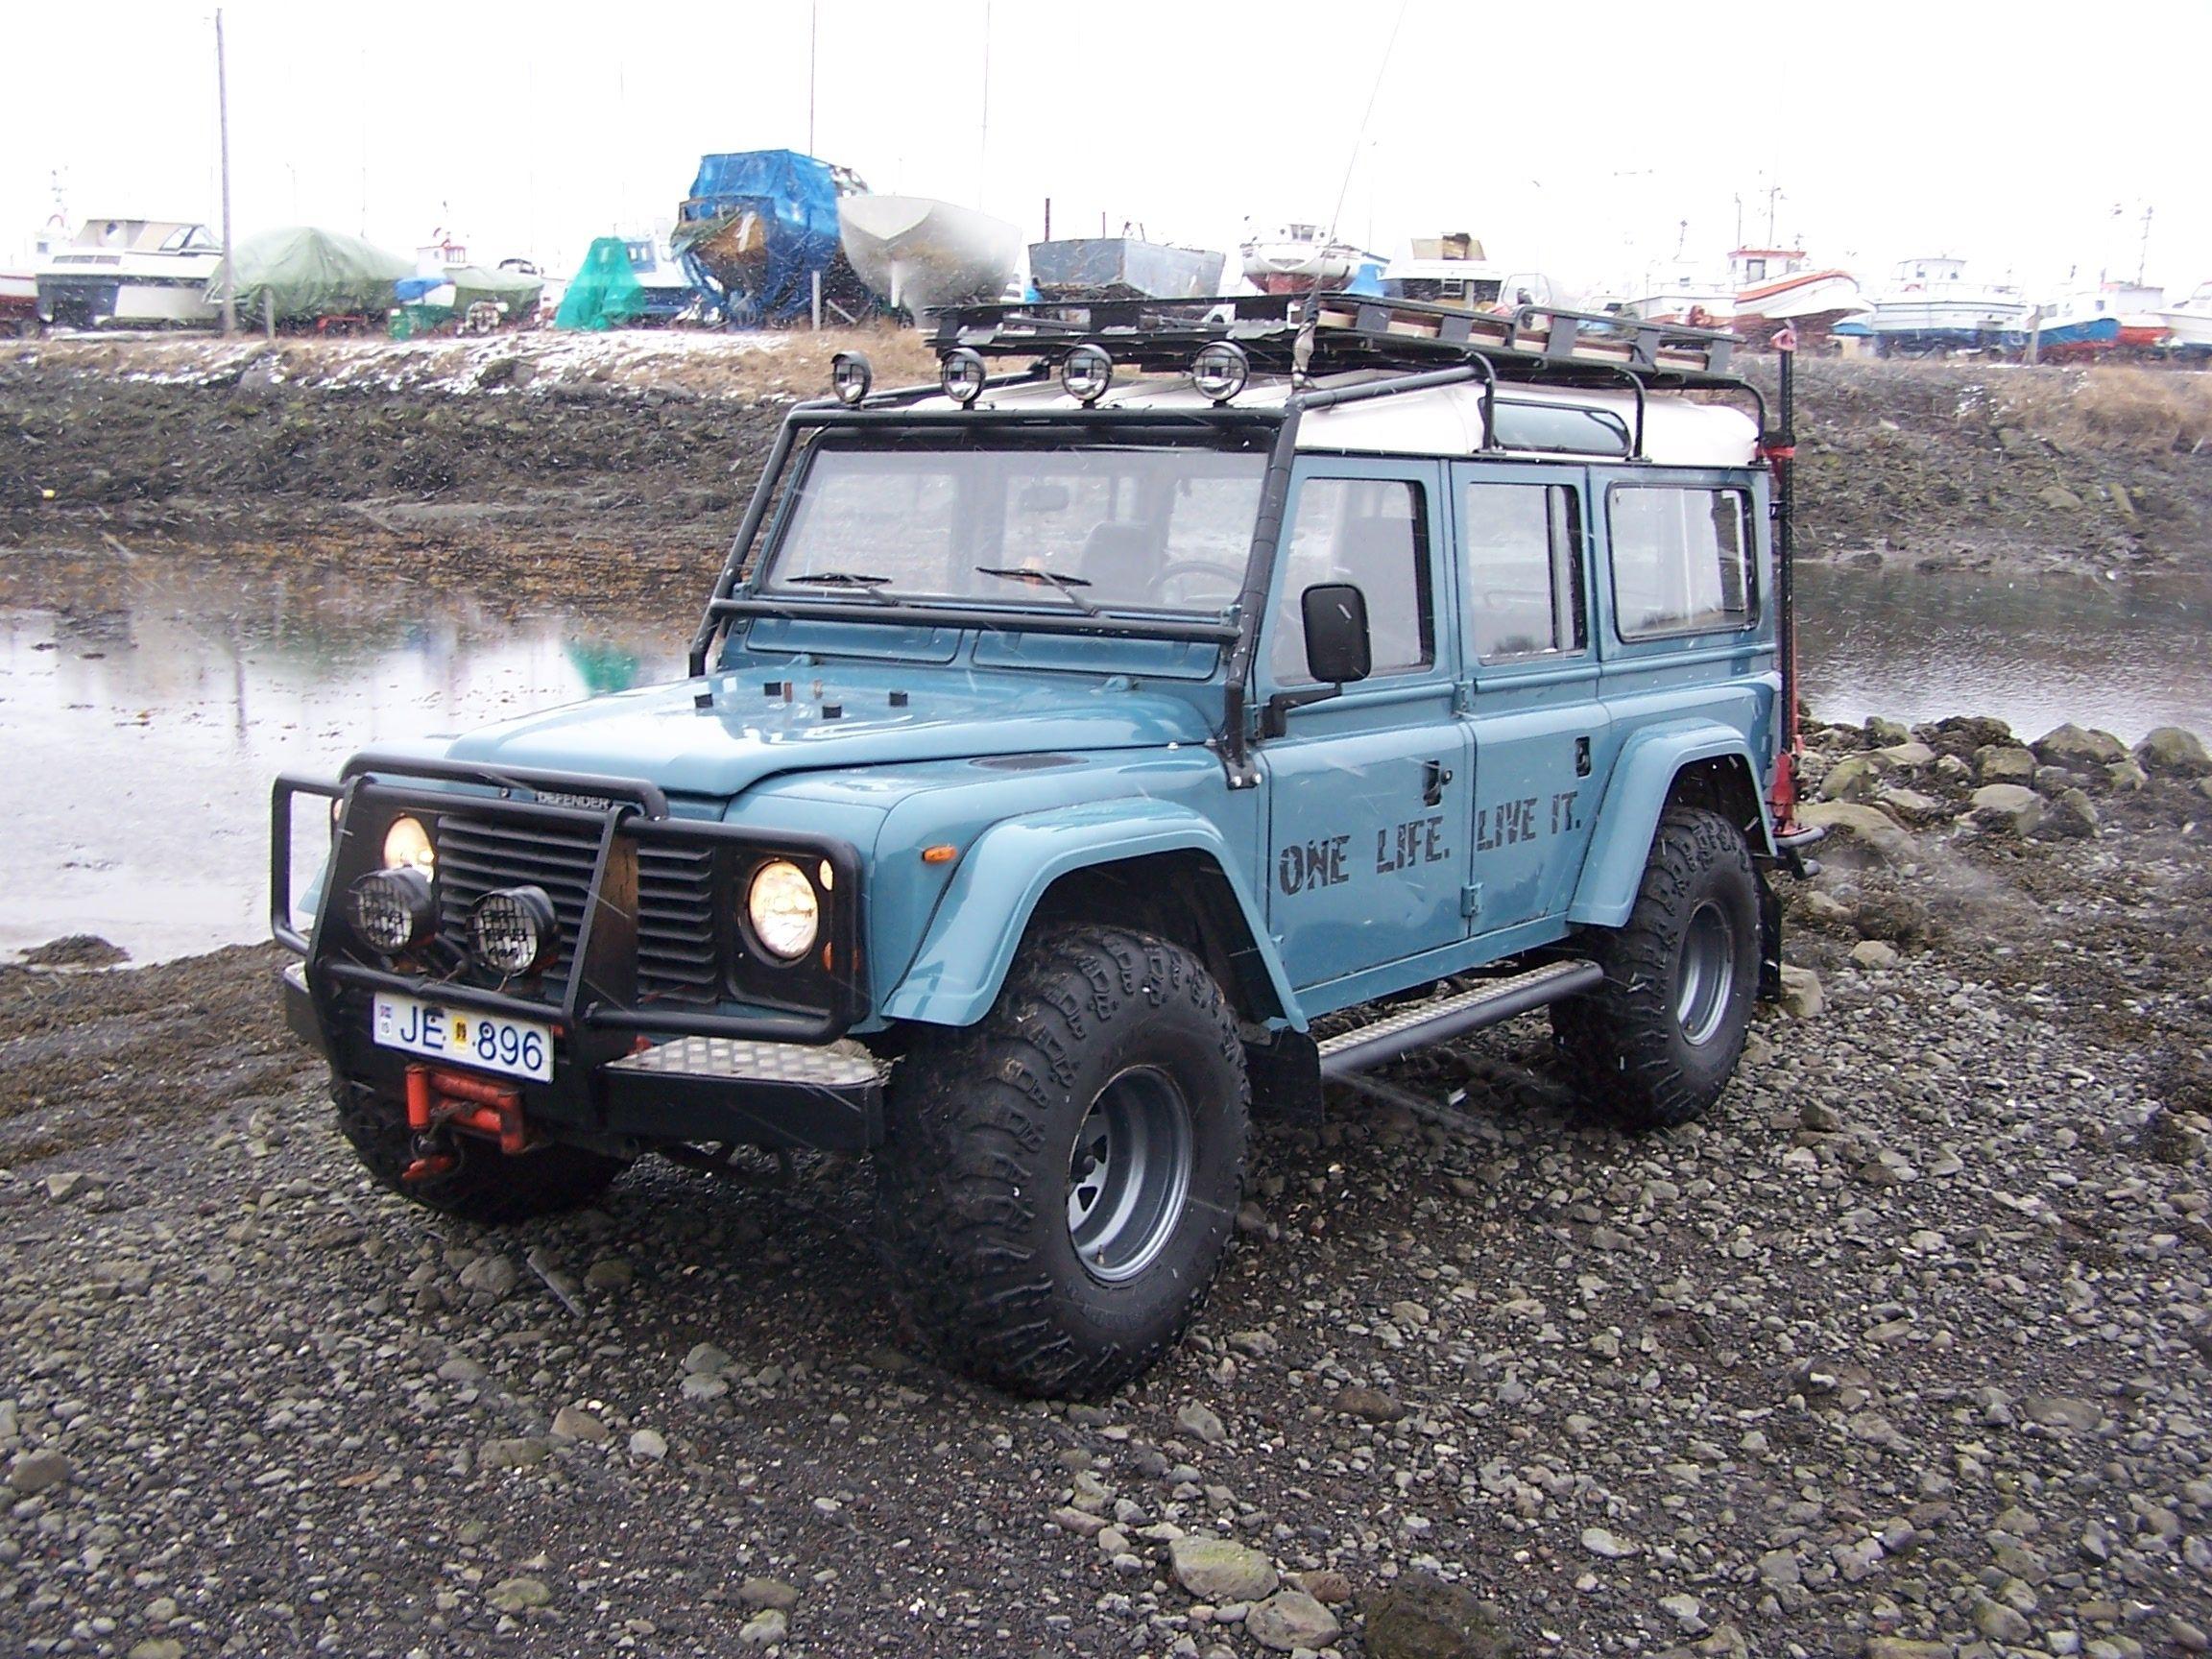 Boggi s 1985 land rover defender 90 tj yj rear flares front and back